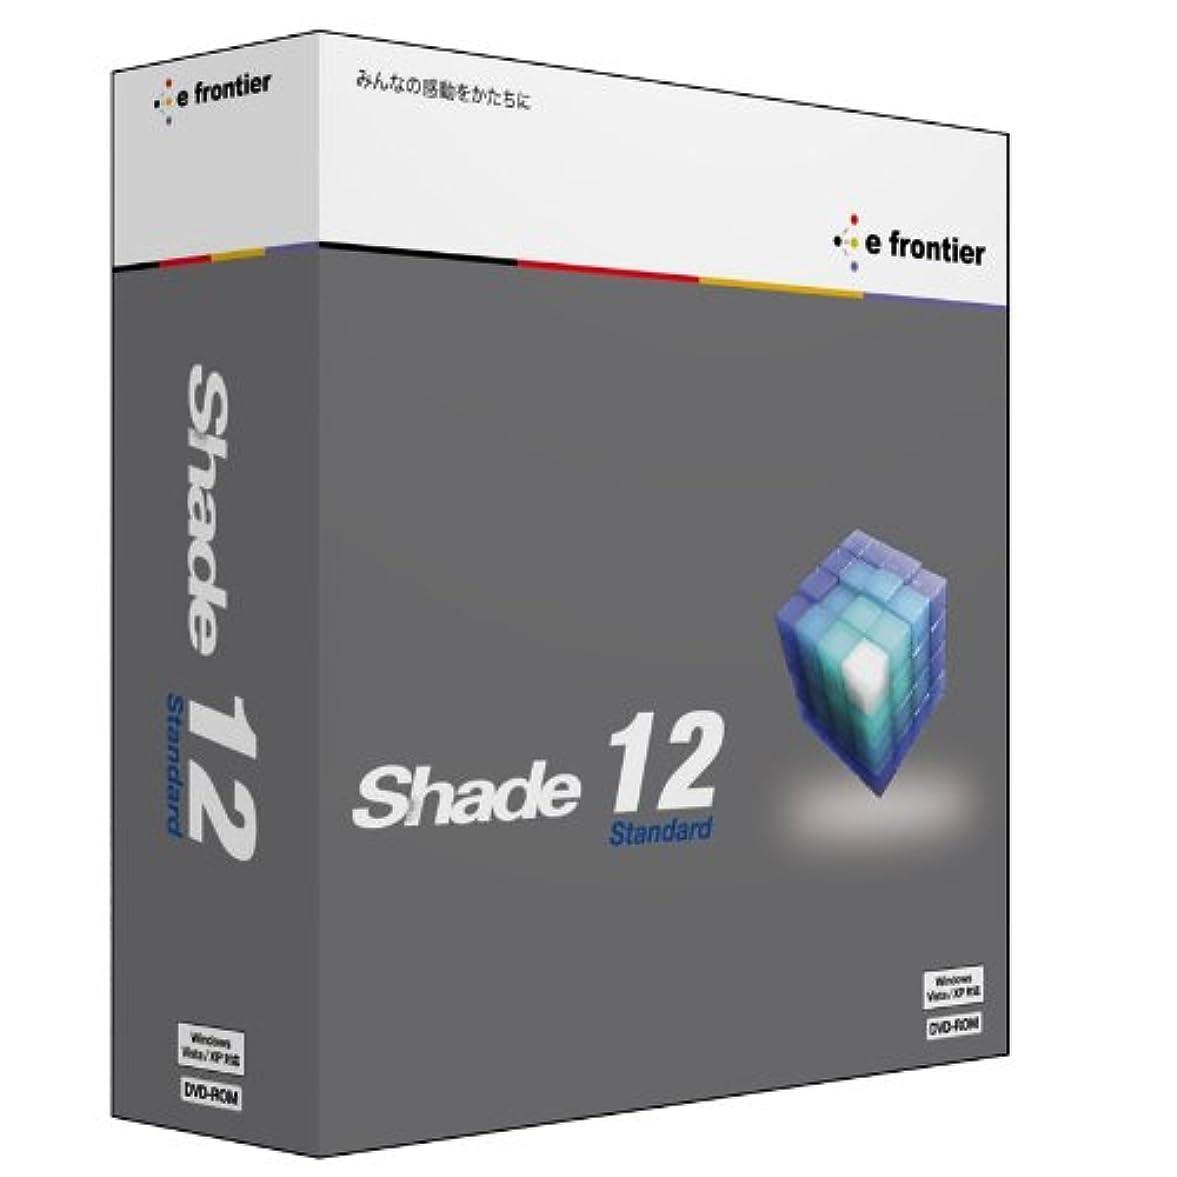 邪魔解放宇宙Shade 12 Standard for Windows